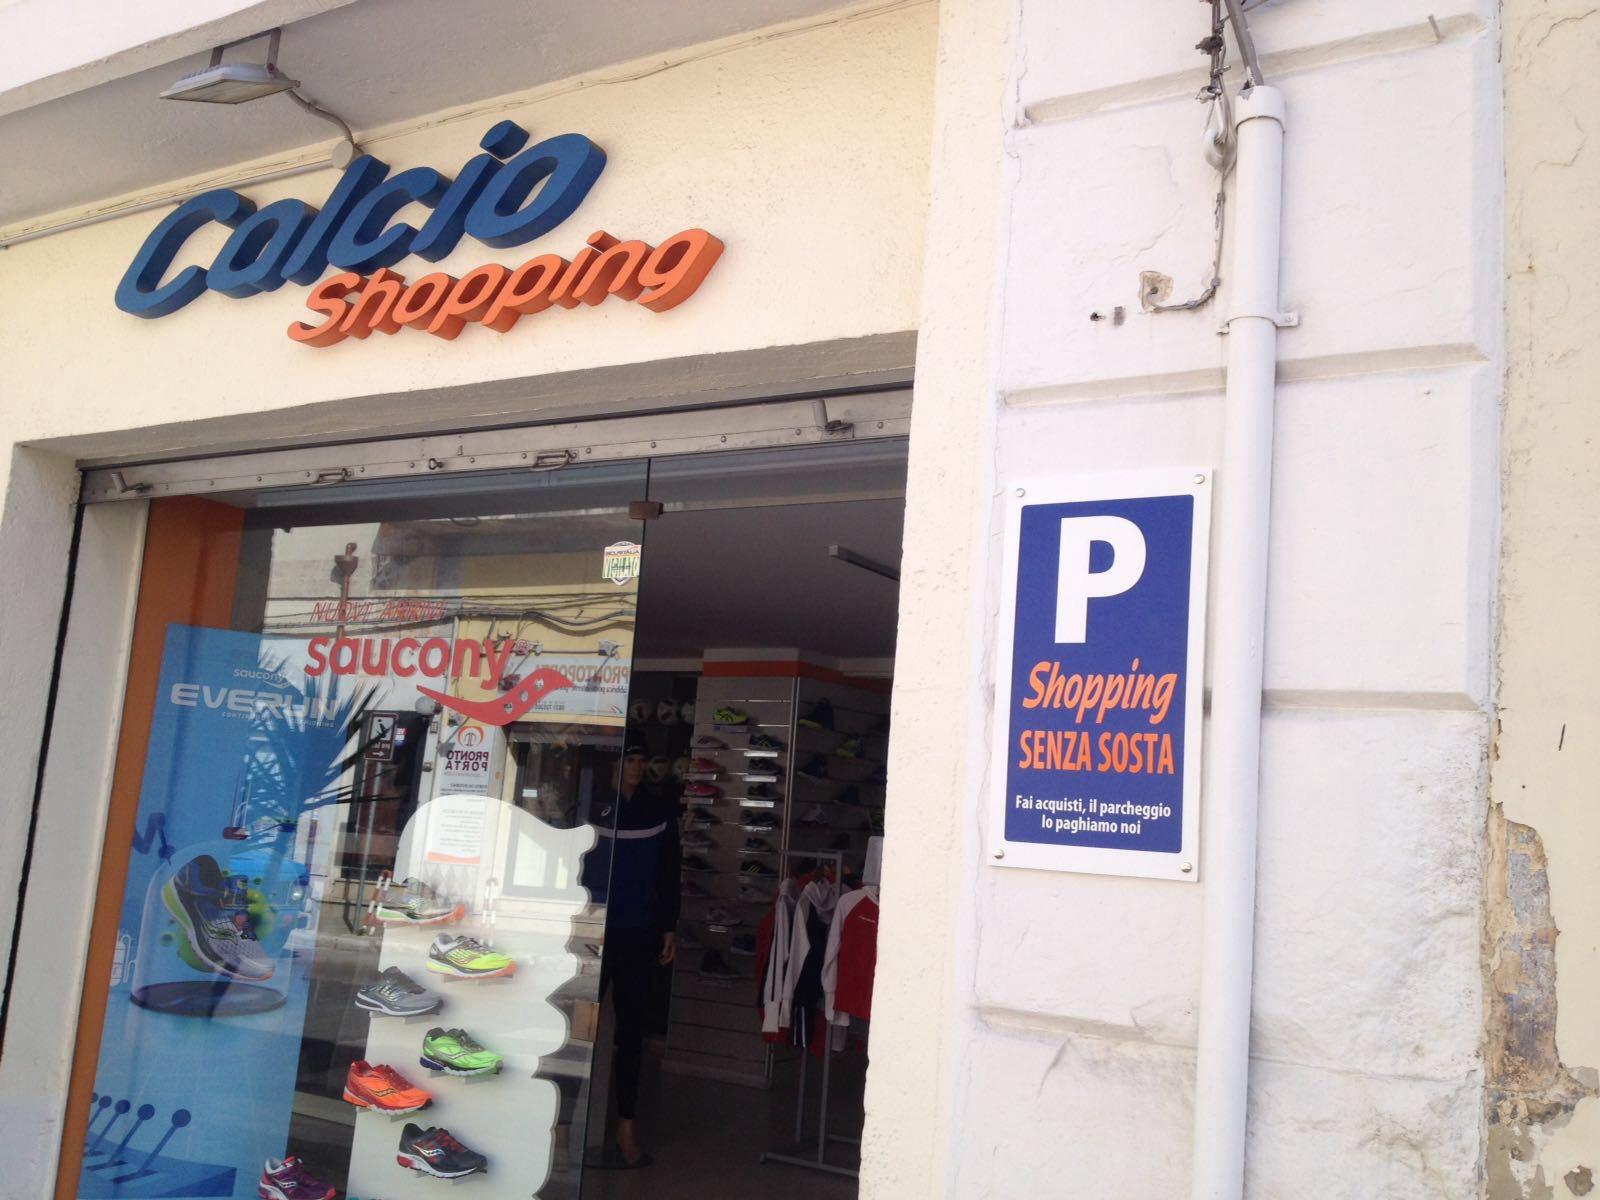 """""""Fai acquisti, il parcheggio lo paghiamo noi"""". Ecco l'idea di Calcio Shopping"""